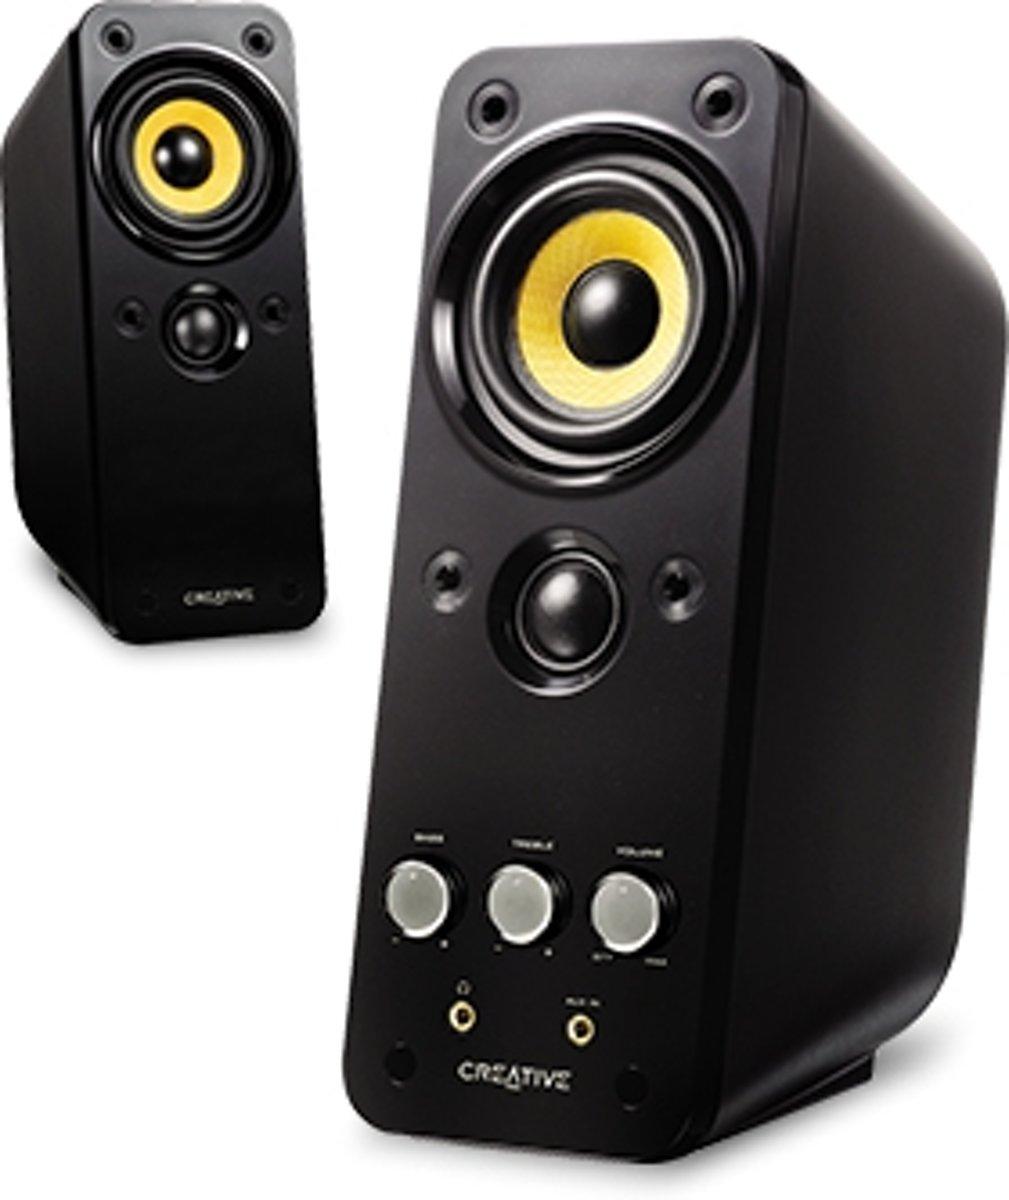 Creative Gigaworks T20 II - Speakers